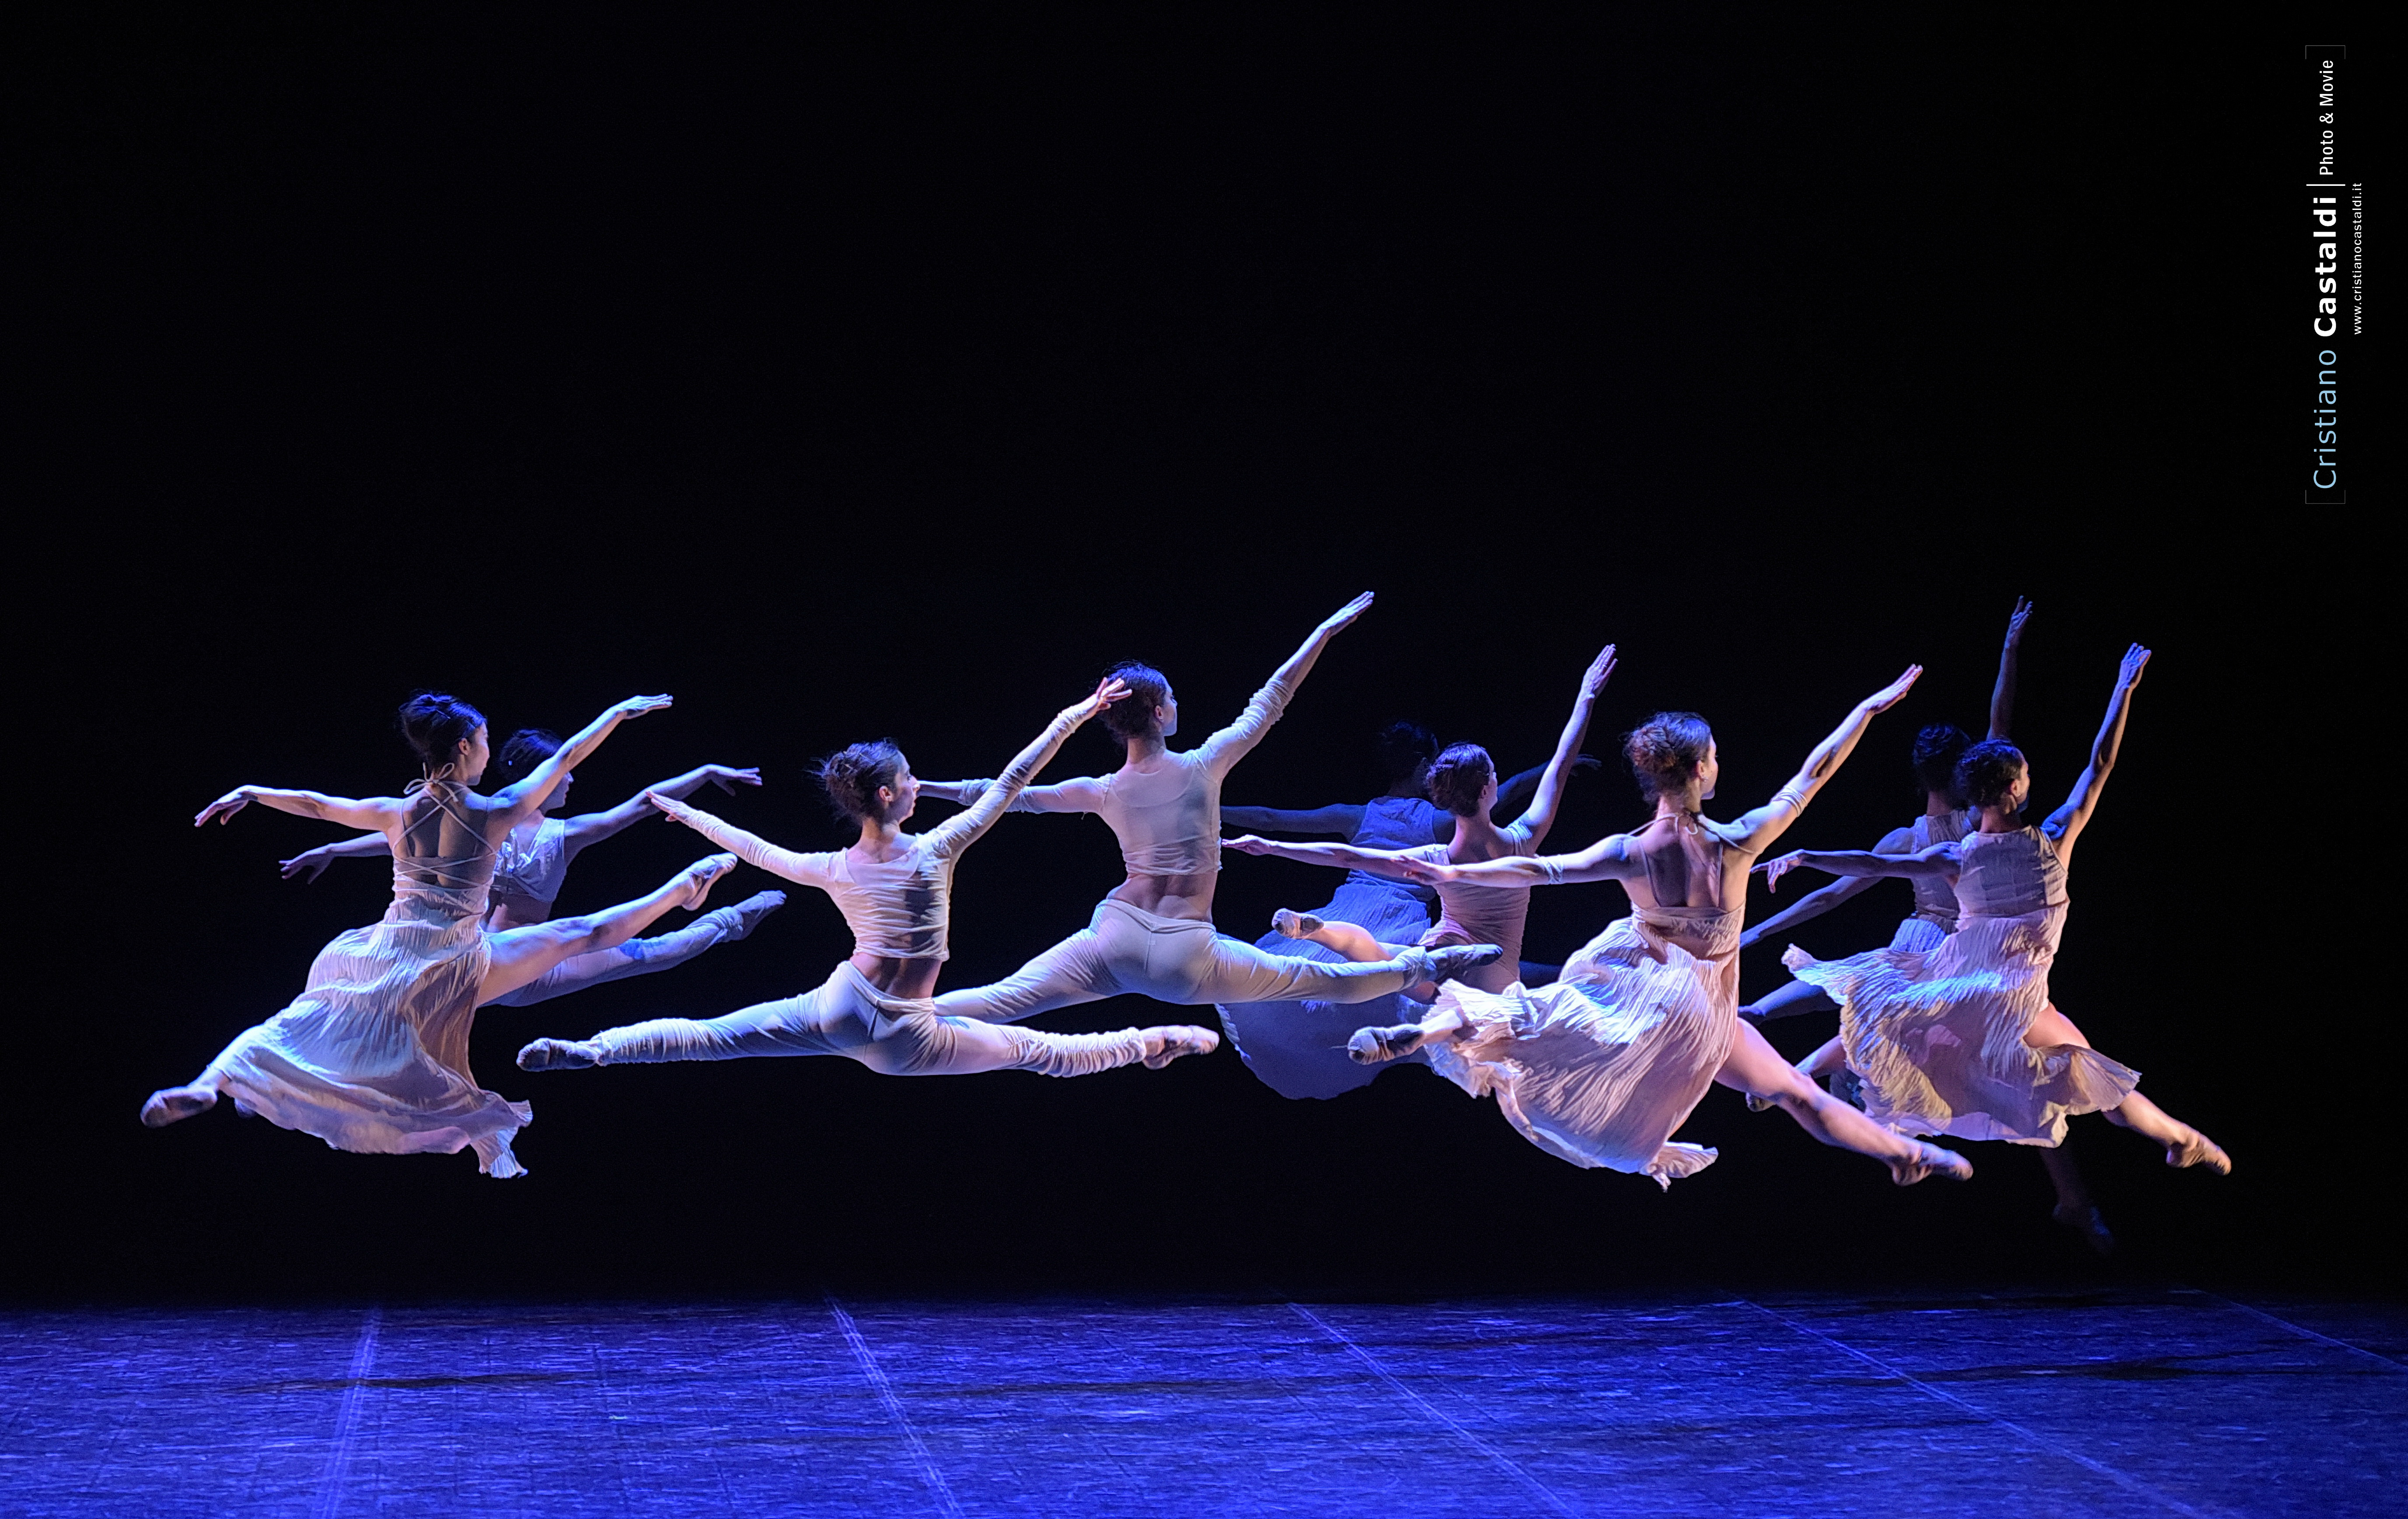 MEDITERRANEA coreografie di Mauro Bigonzetti